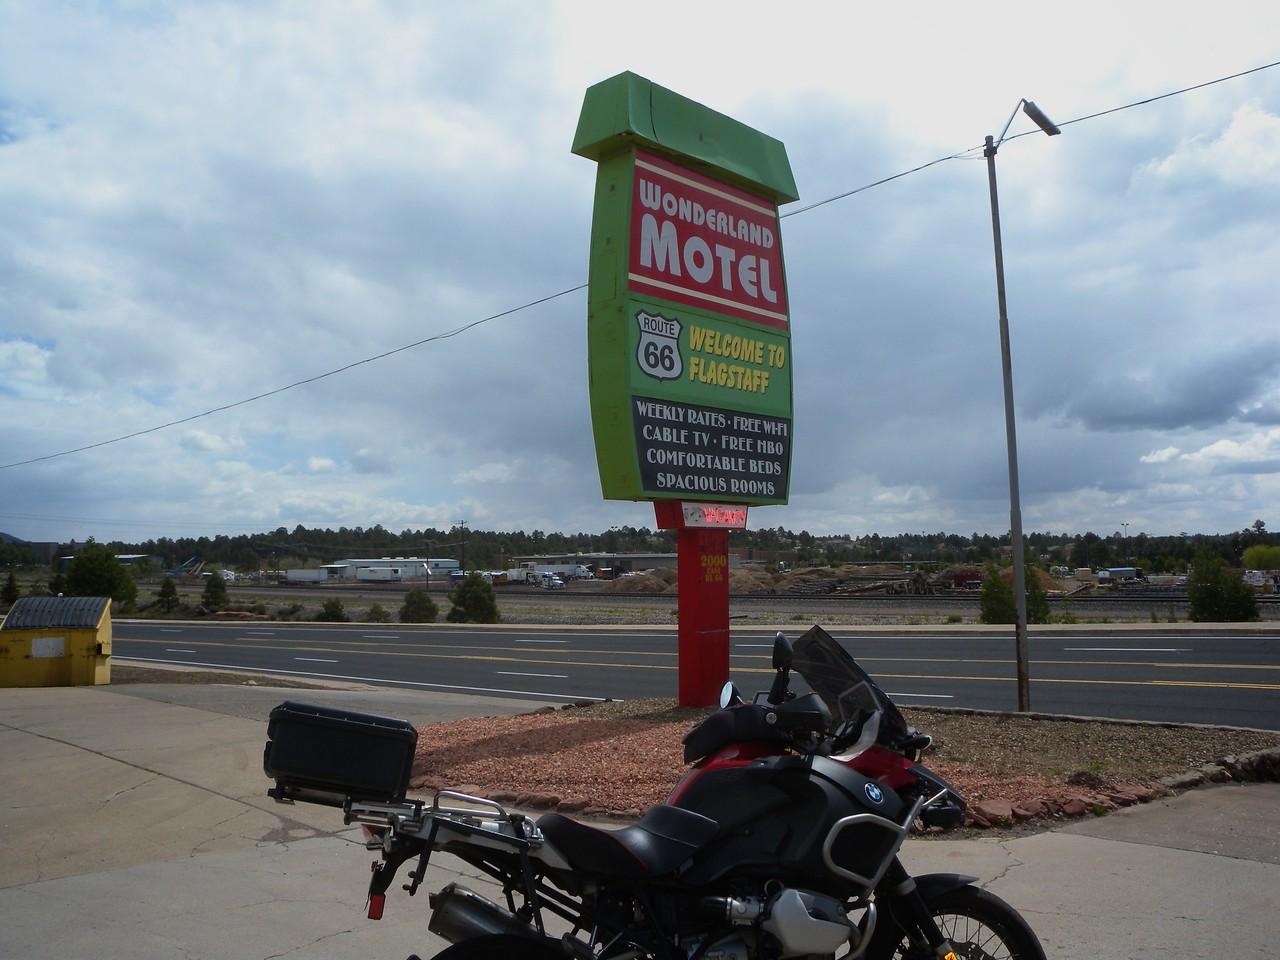 Wonderland Motel, Route 66, Flagstaff, AZ